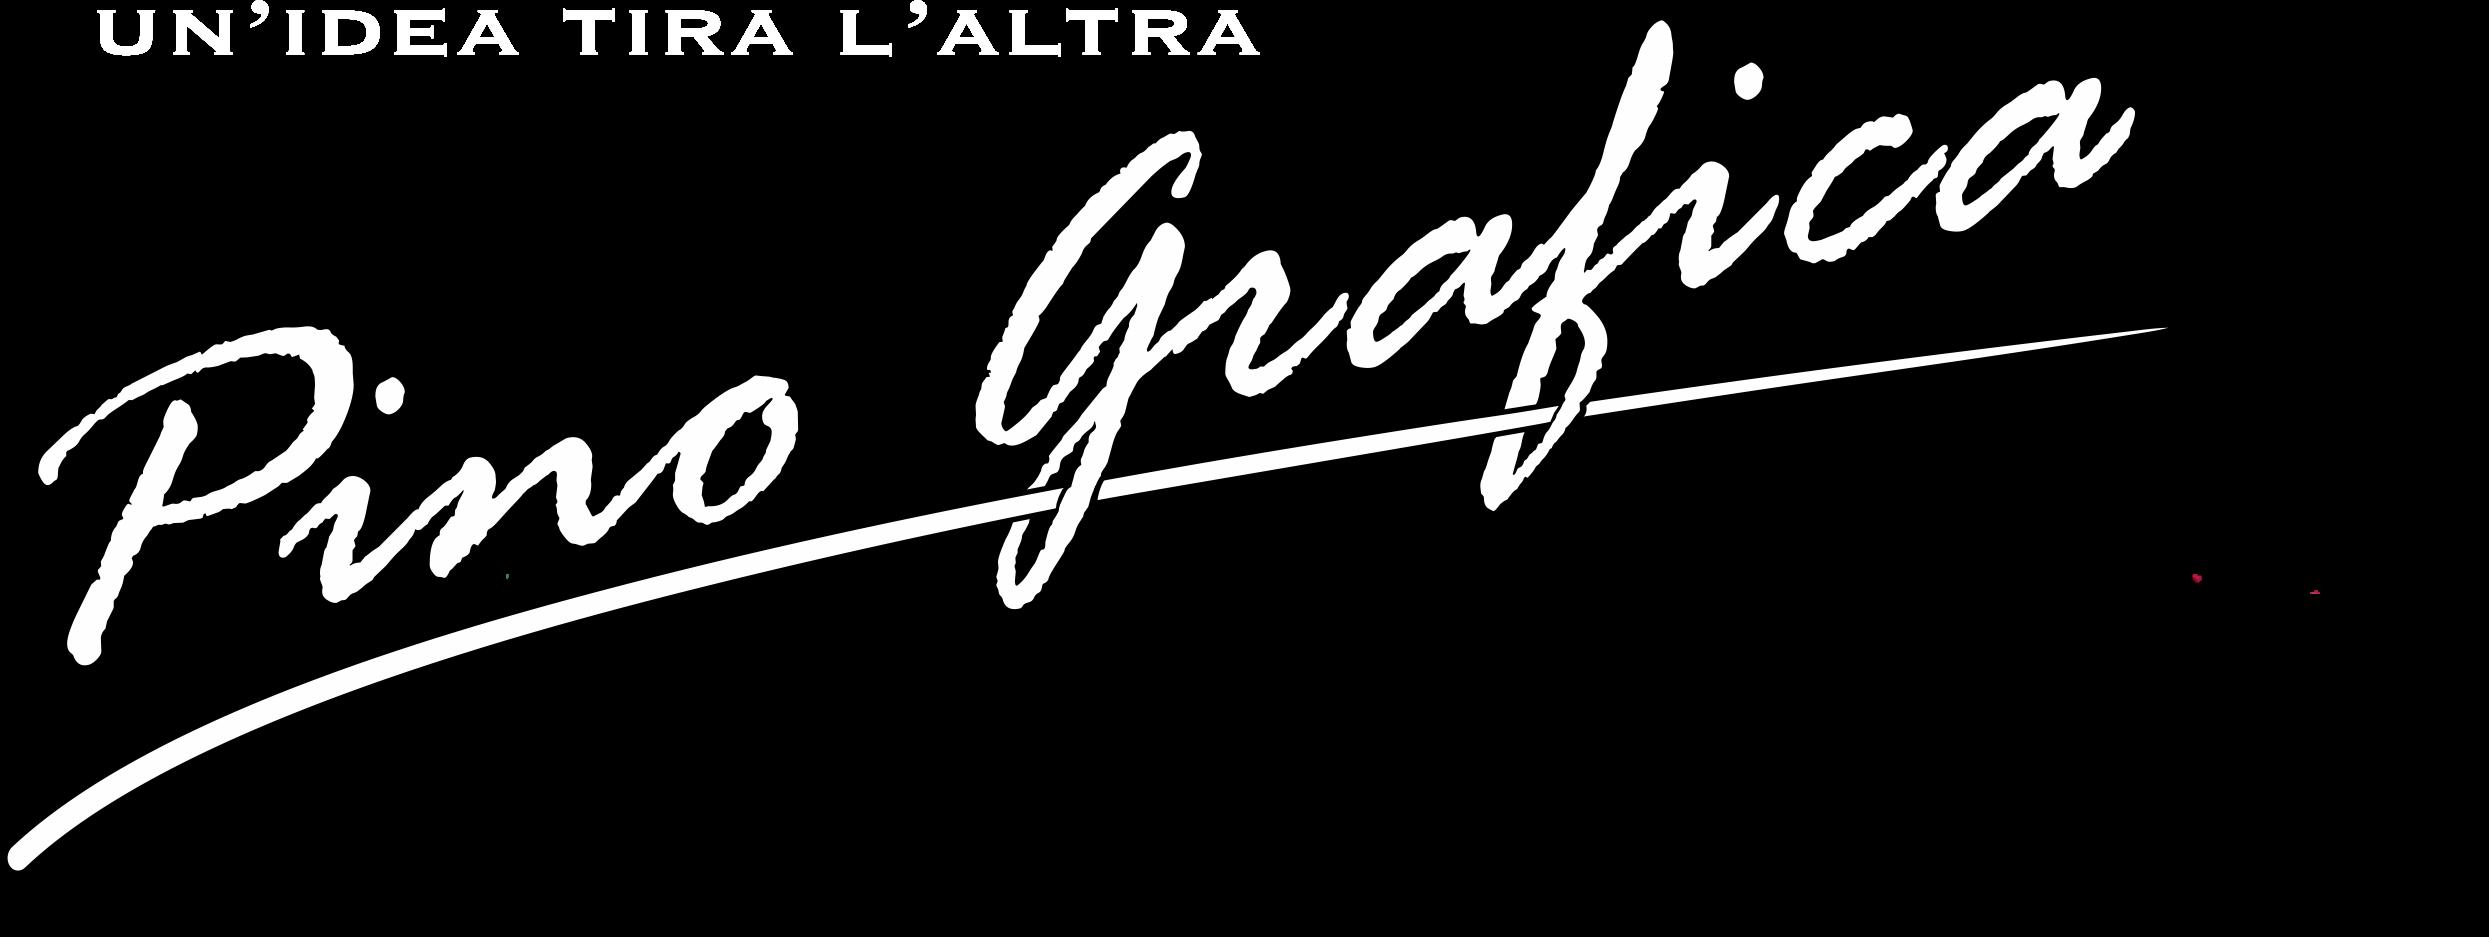 Pino Grafica